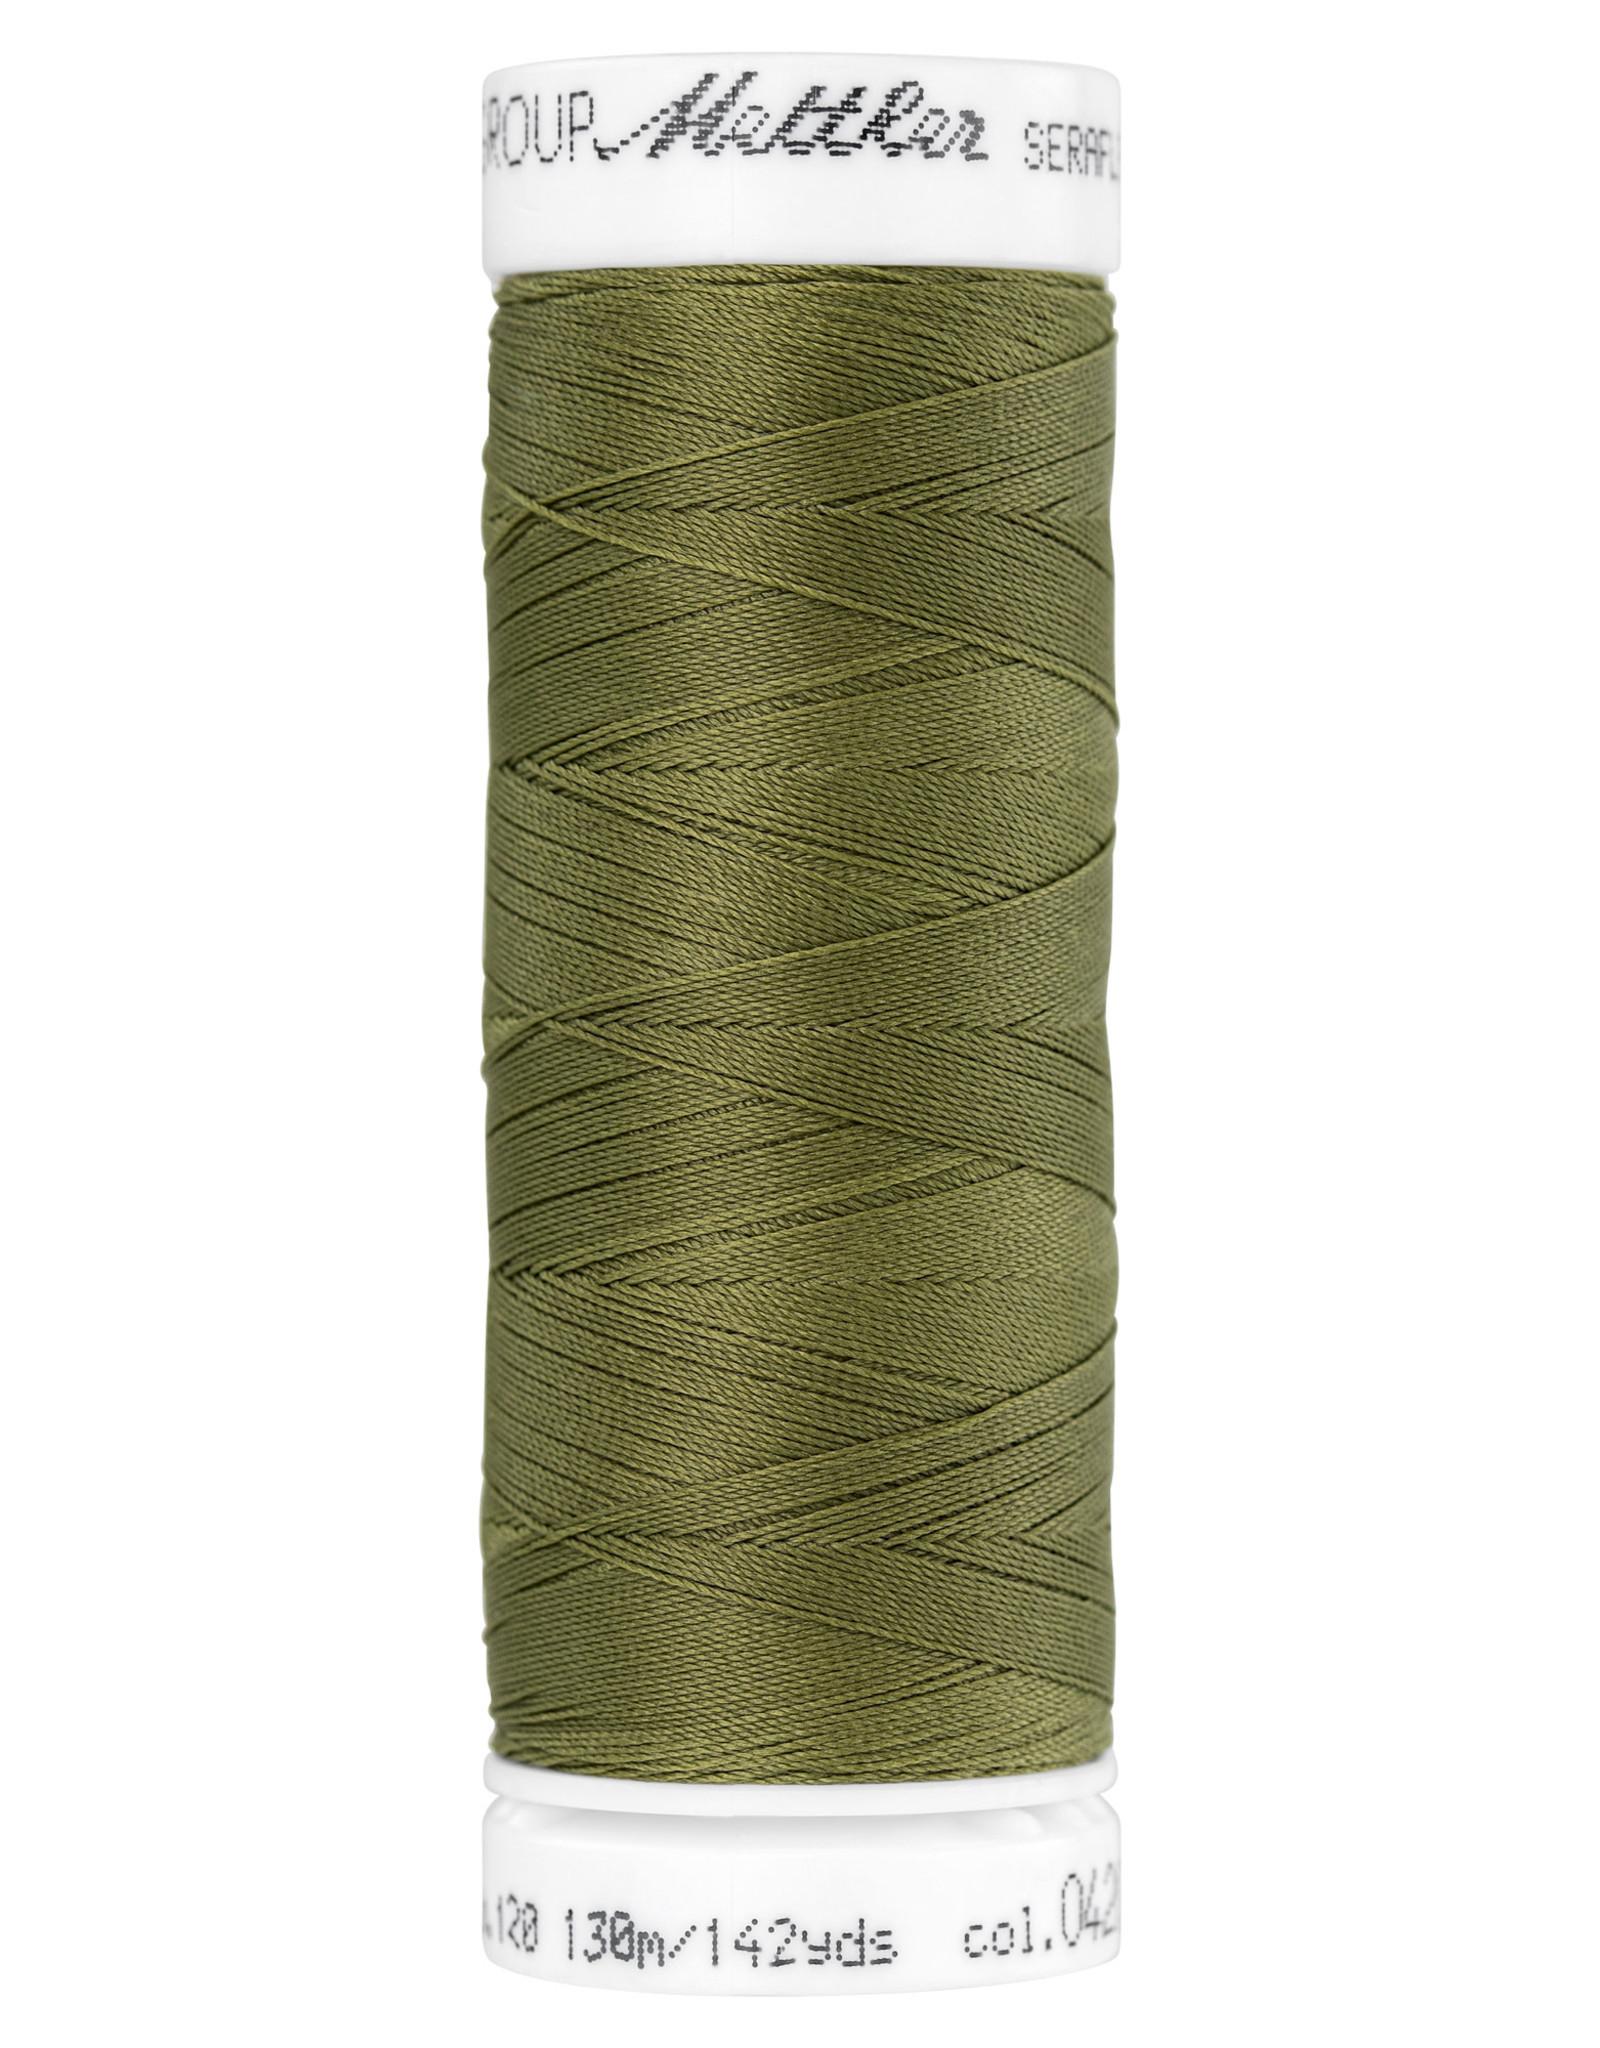 Mettler SERAFLEX elastisch naaigaren 120 130m/142yds nr 420